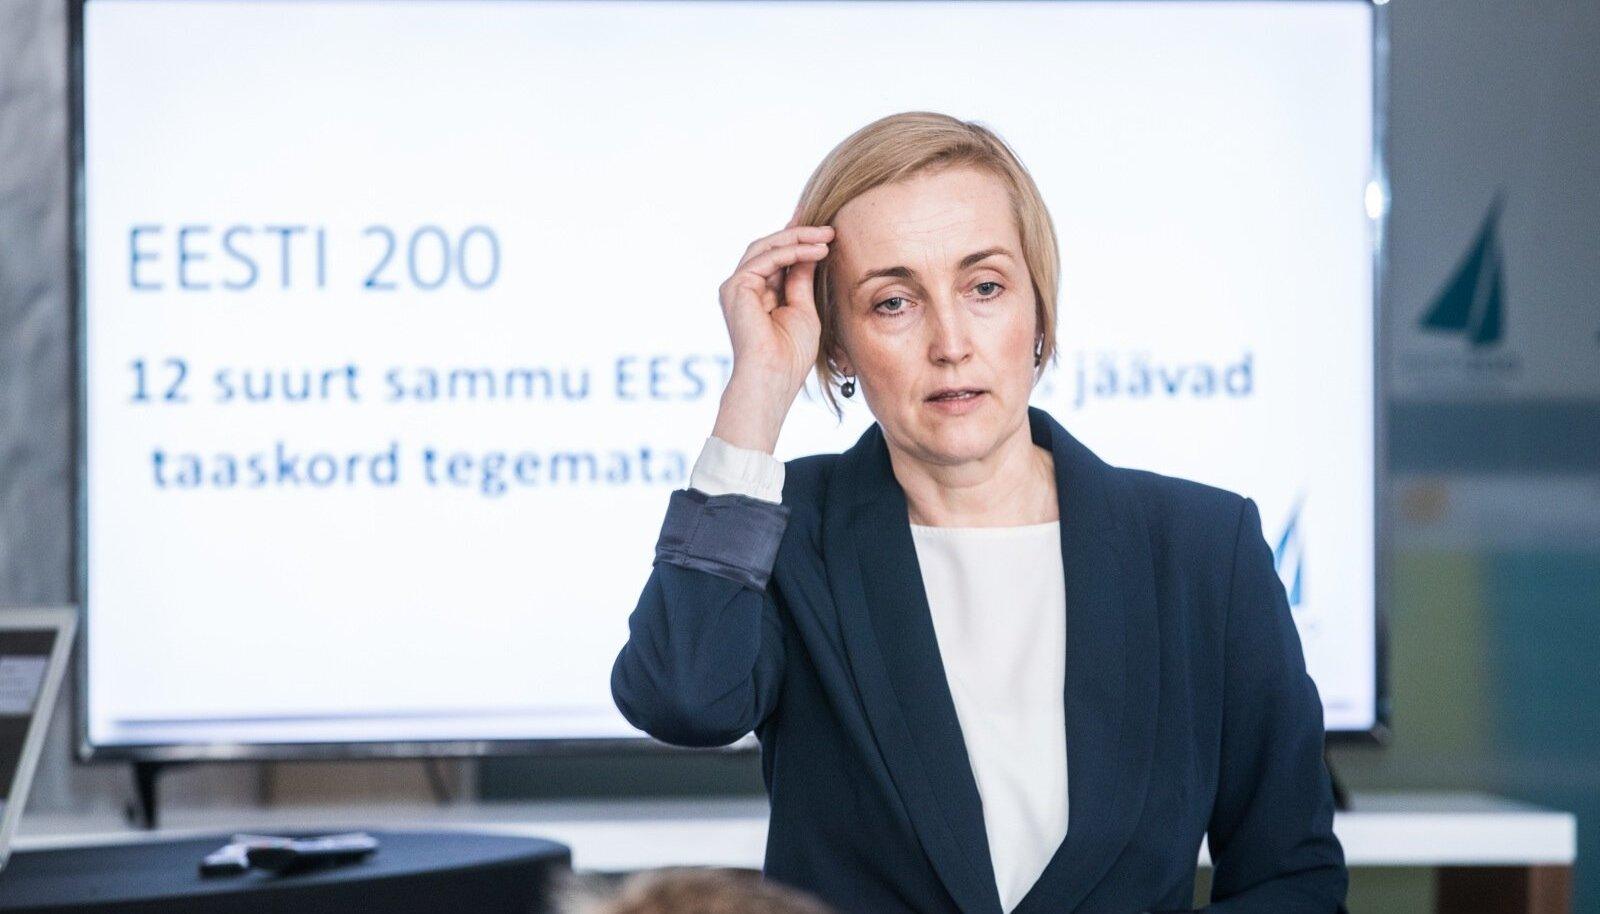 Eesti 200 juht Kristina Kallas